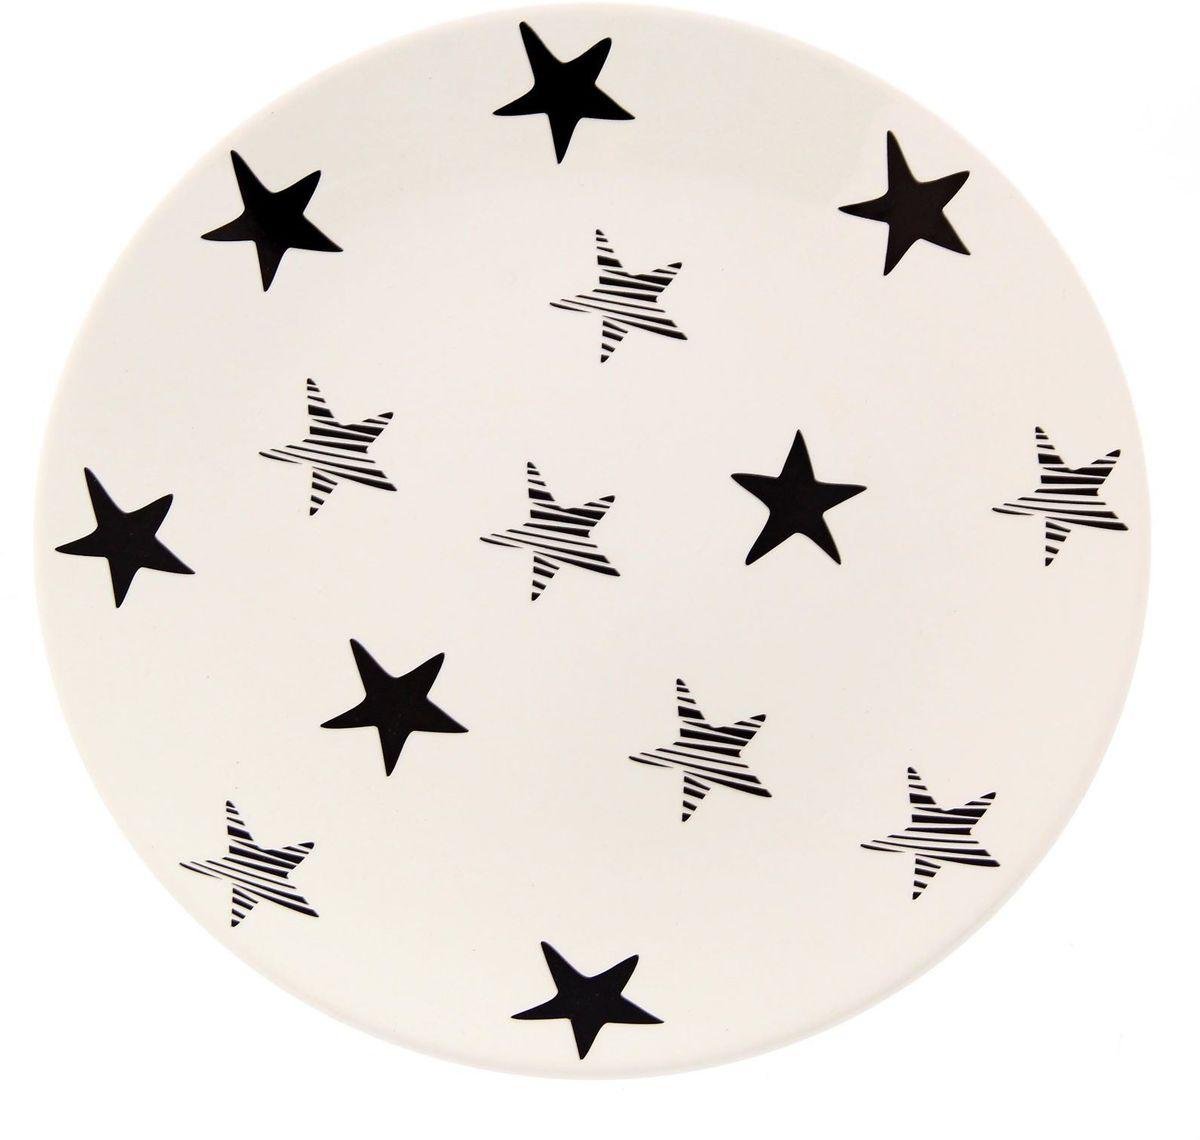 Тарелка Сотвори чудо My Little Star, диаметр 22 см2277884Хотите обновить интерьер кухни или гостиной? Устраиваете необычную фотосессию или тематический праздник? А может, просто ищете подарок для близкого человека? Посуда « Сотвори Чудо» — правильный выбор в любой ситуации. Её достоинства: изящный фаянс нежного сливочного цвета; стойкость краски; пригодность для посудомоечных машин.